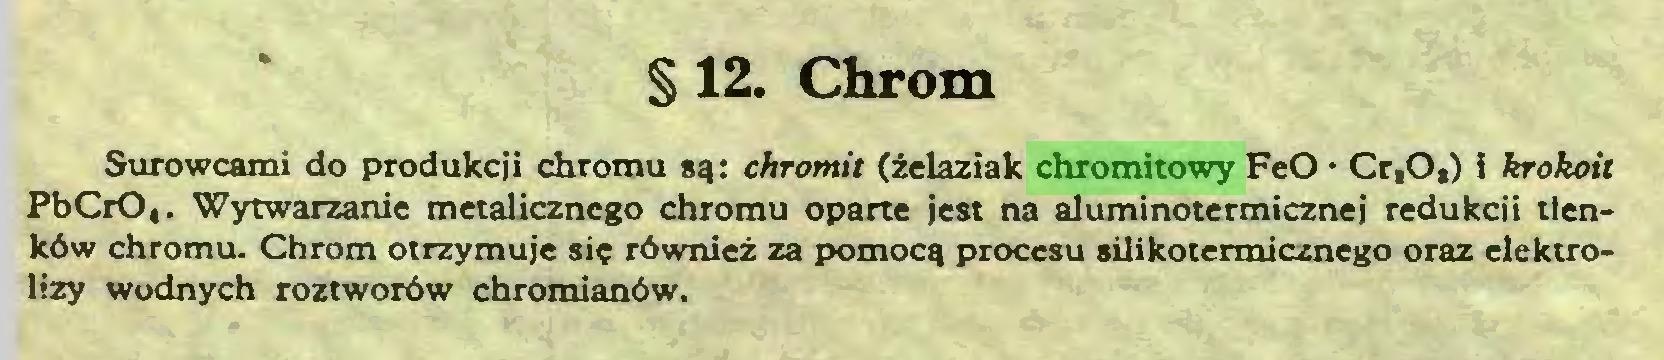 (...) § 12. Chrom Surowcami do produkcji chromu są: chromit (żelaziak chromitowy FeO • Cr,O,) i krokoit PbCrO,. Wytwarzanie metalicznego chromu oparte jest na aluminotermicznej redukcji tlenków chromu. Chrom otrzymuje się również za pomocą procesu silikotermicznego oraz elektrolizy wodnych roztworów chromianów...